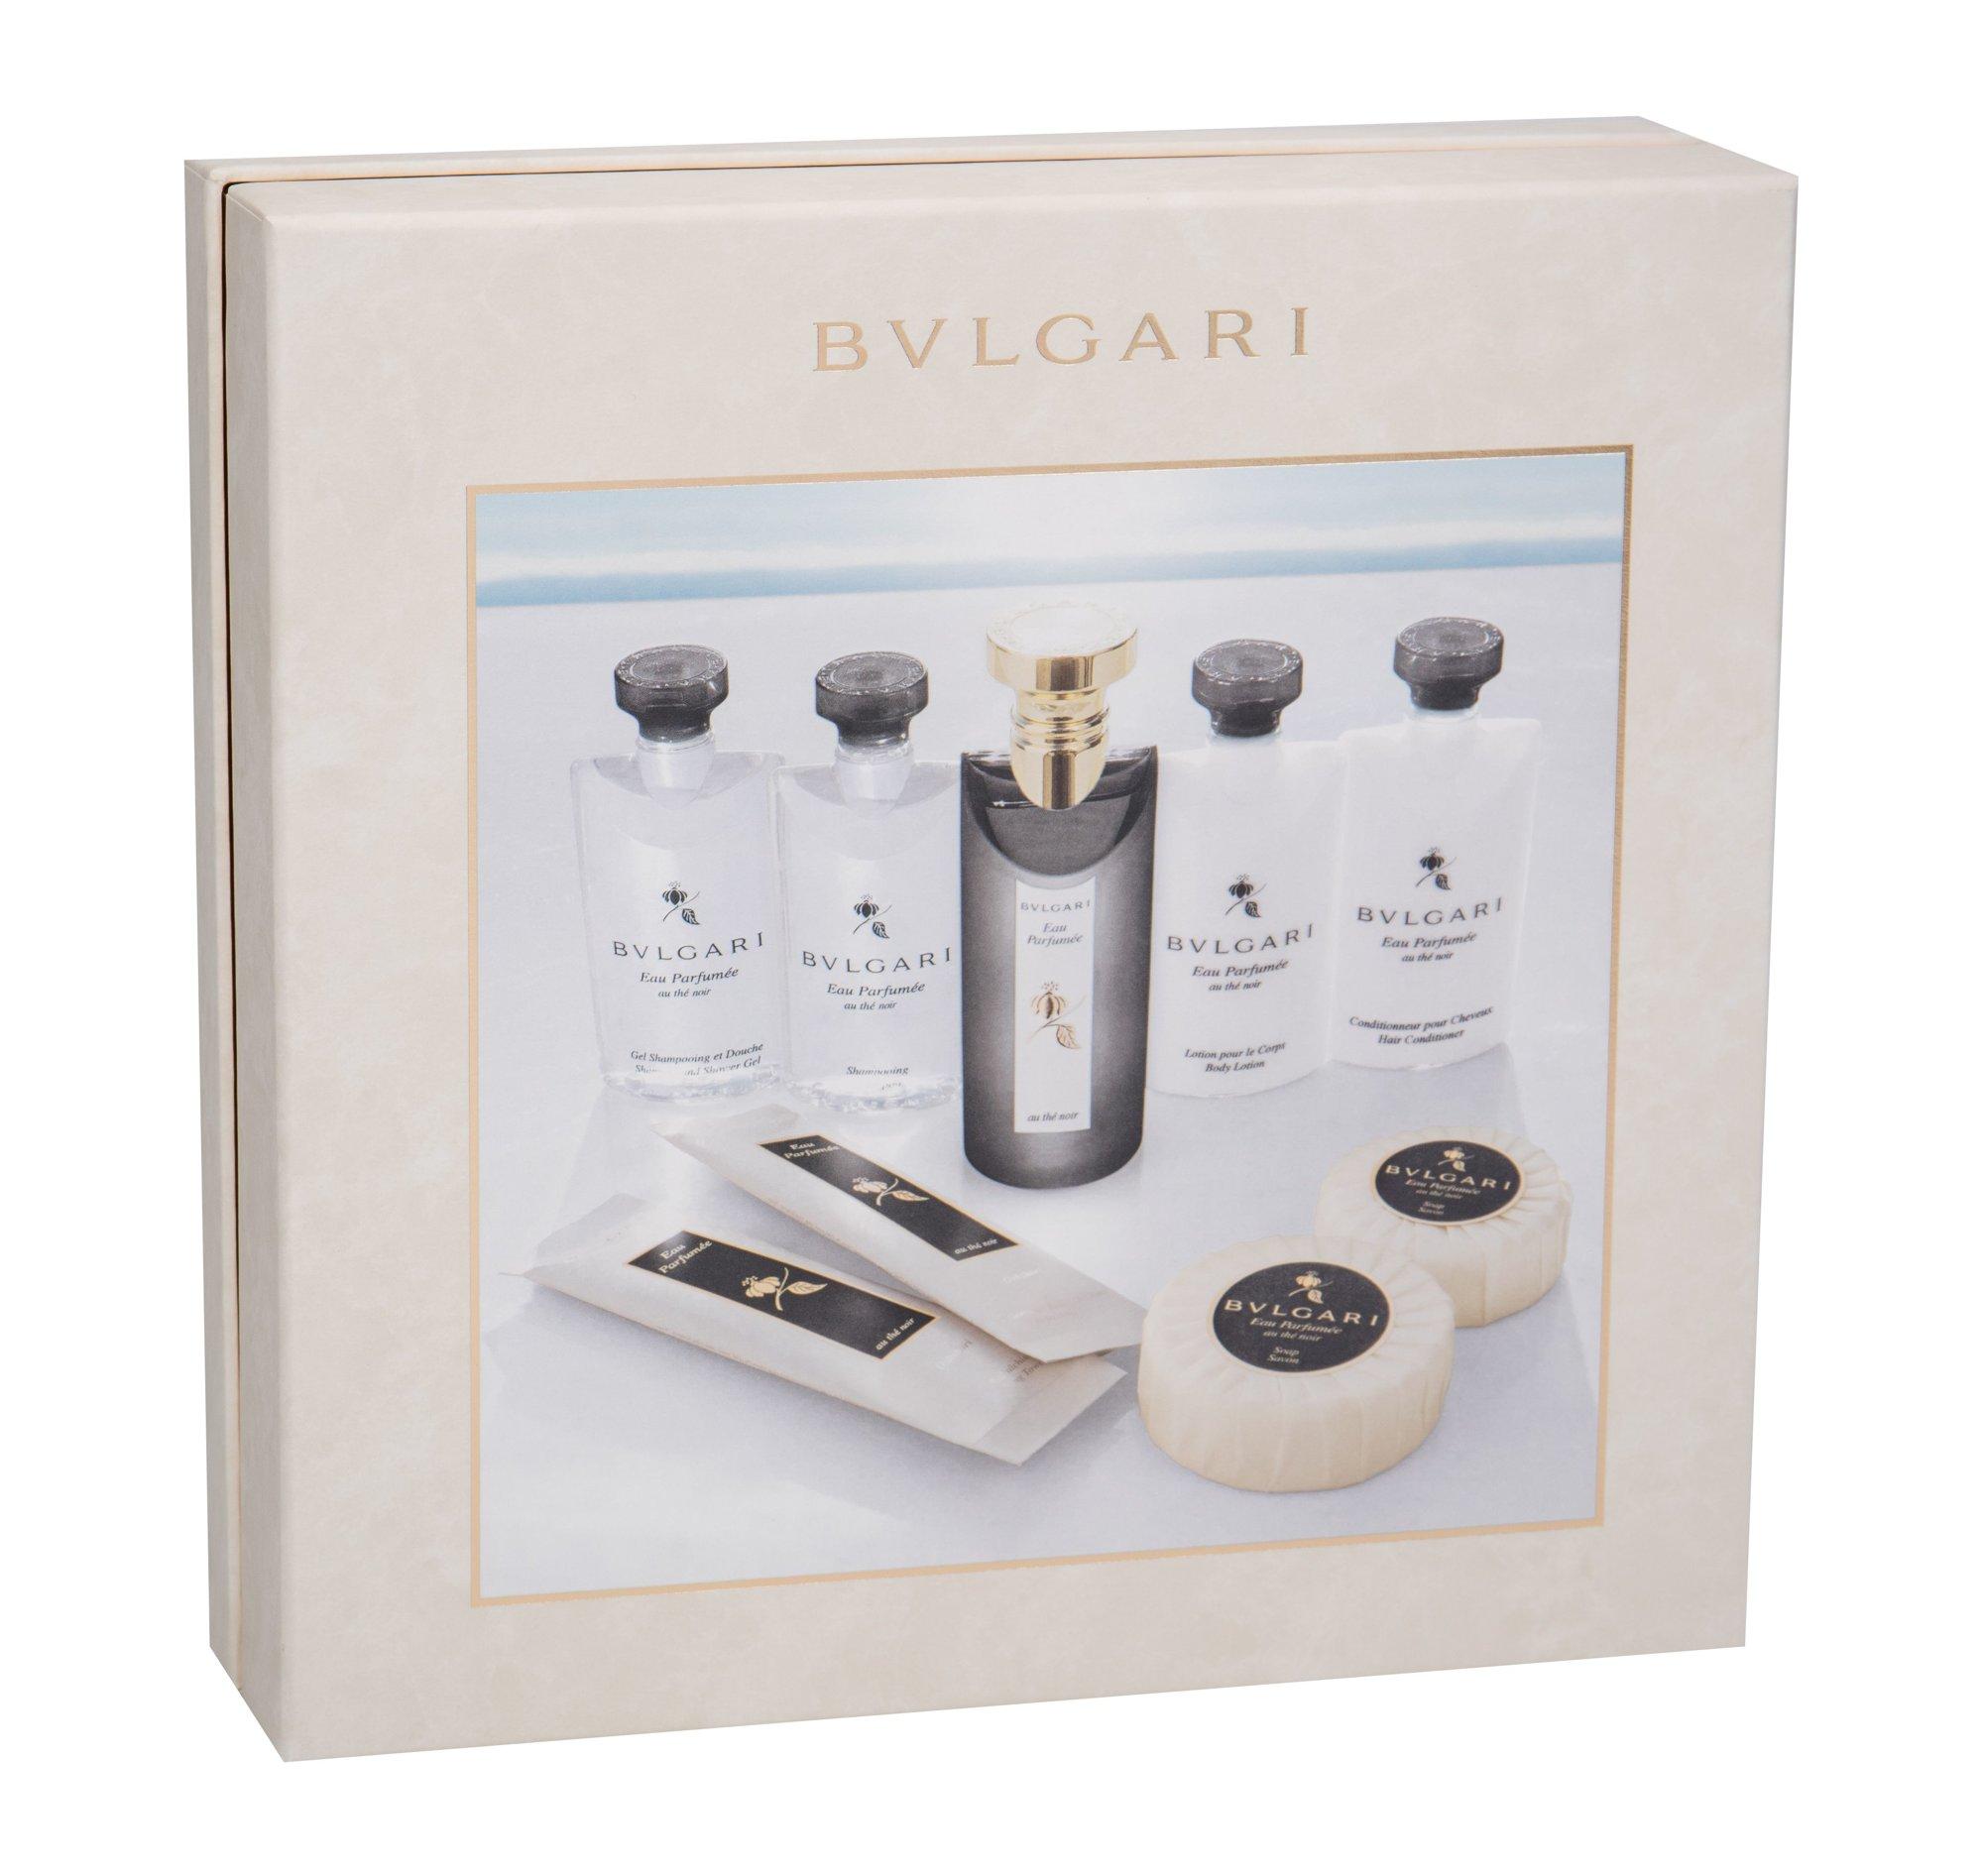 Bvlgari Eau Parfumée Eau de Cologne 75ml